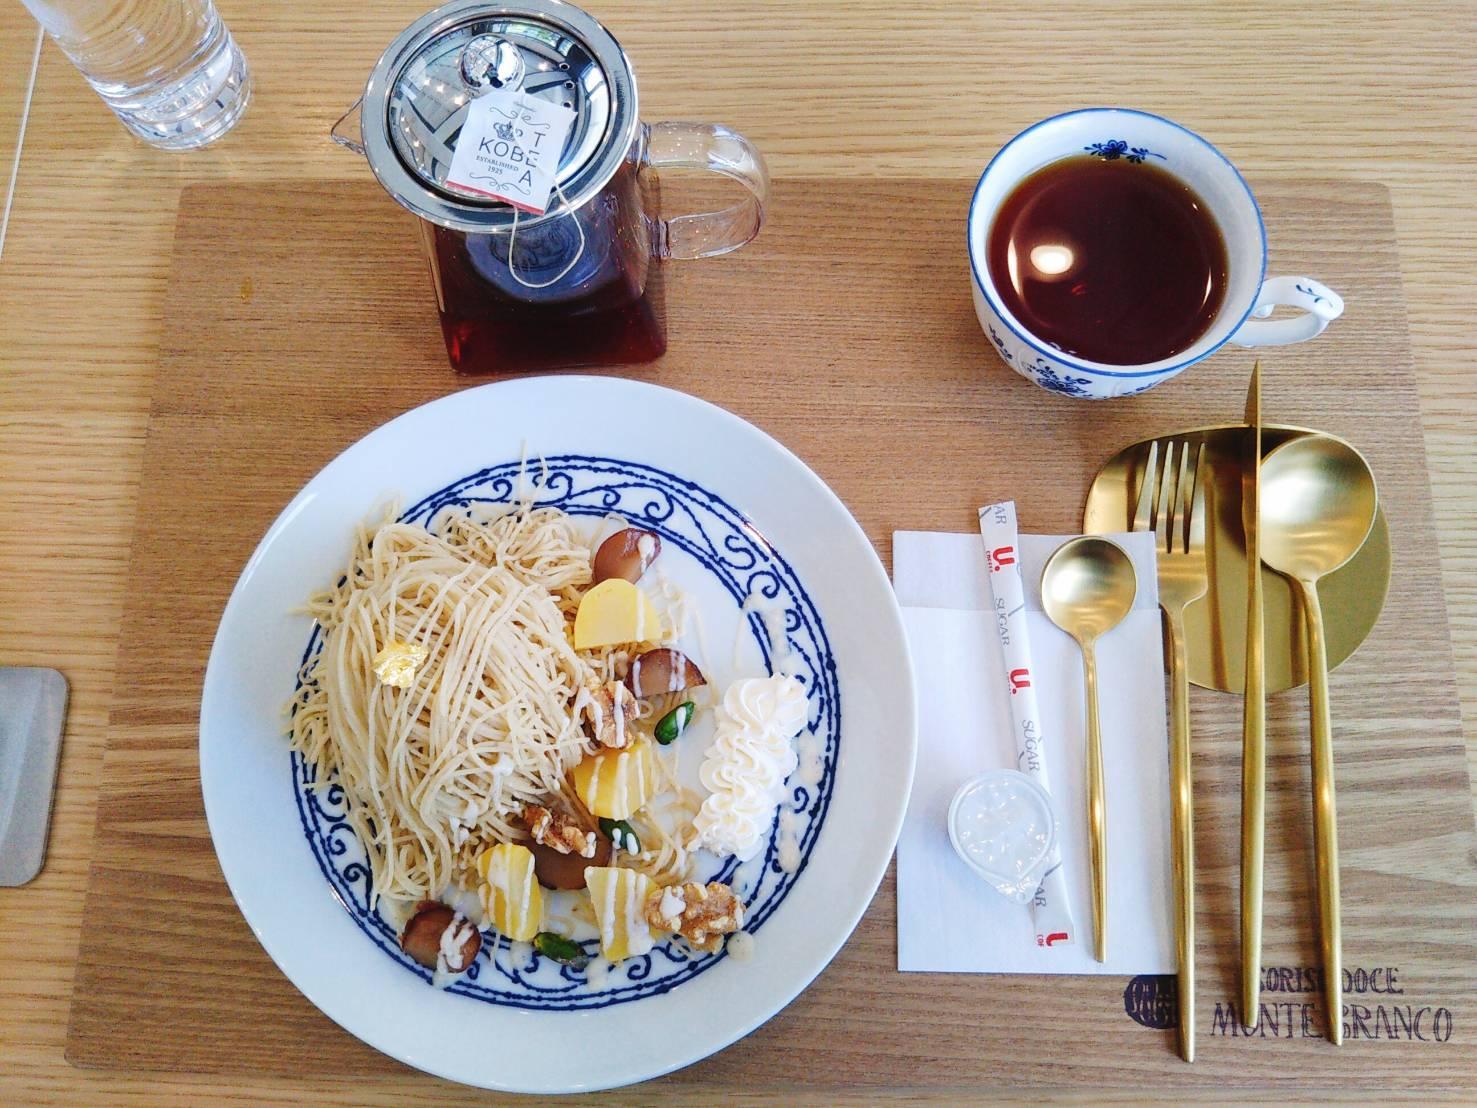 楽しめる!エンタメ性豊かなモンブランのお店『MONTE BRANCO(神戸モンテブランコ)』